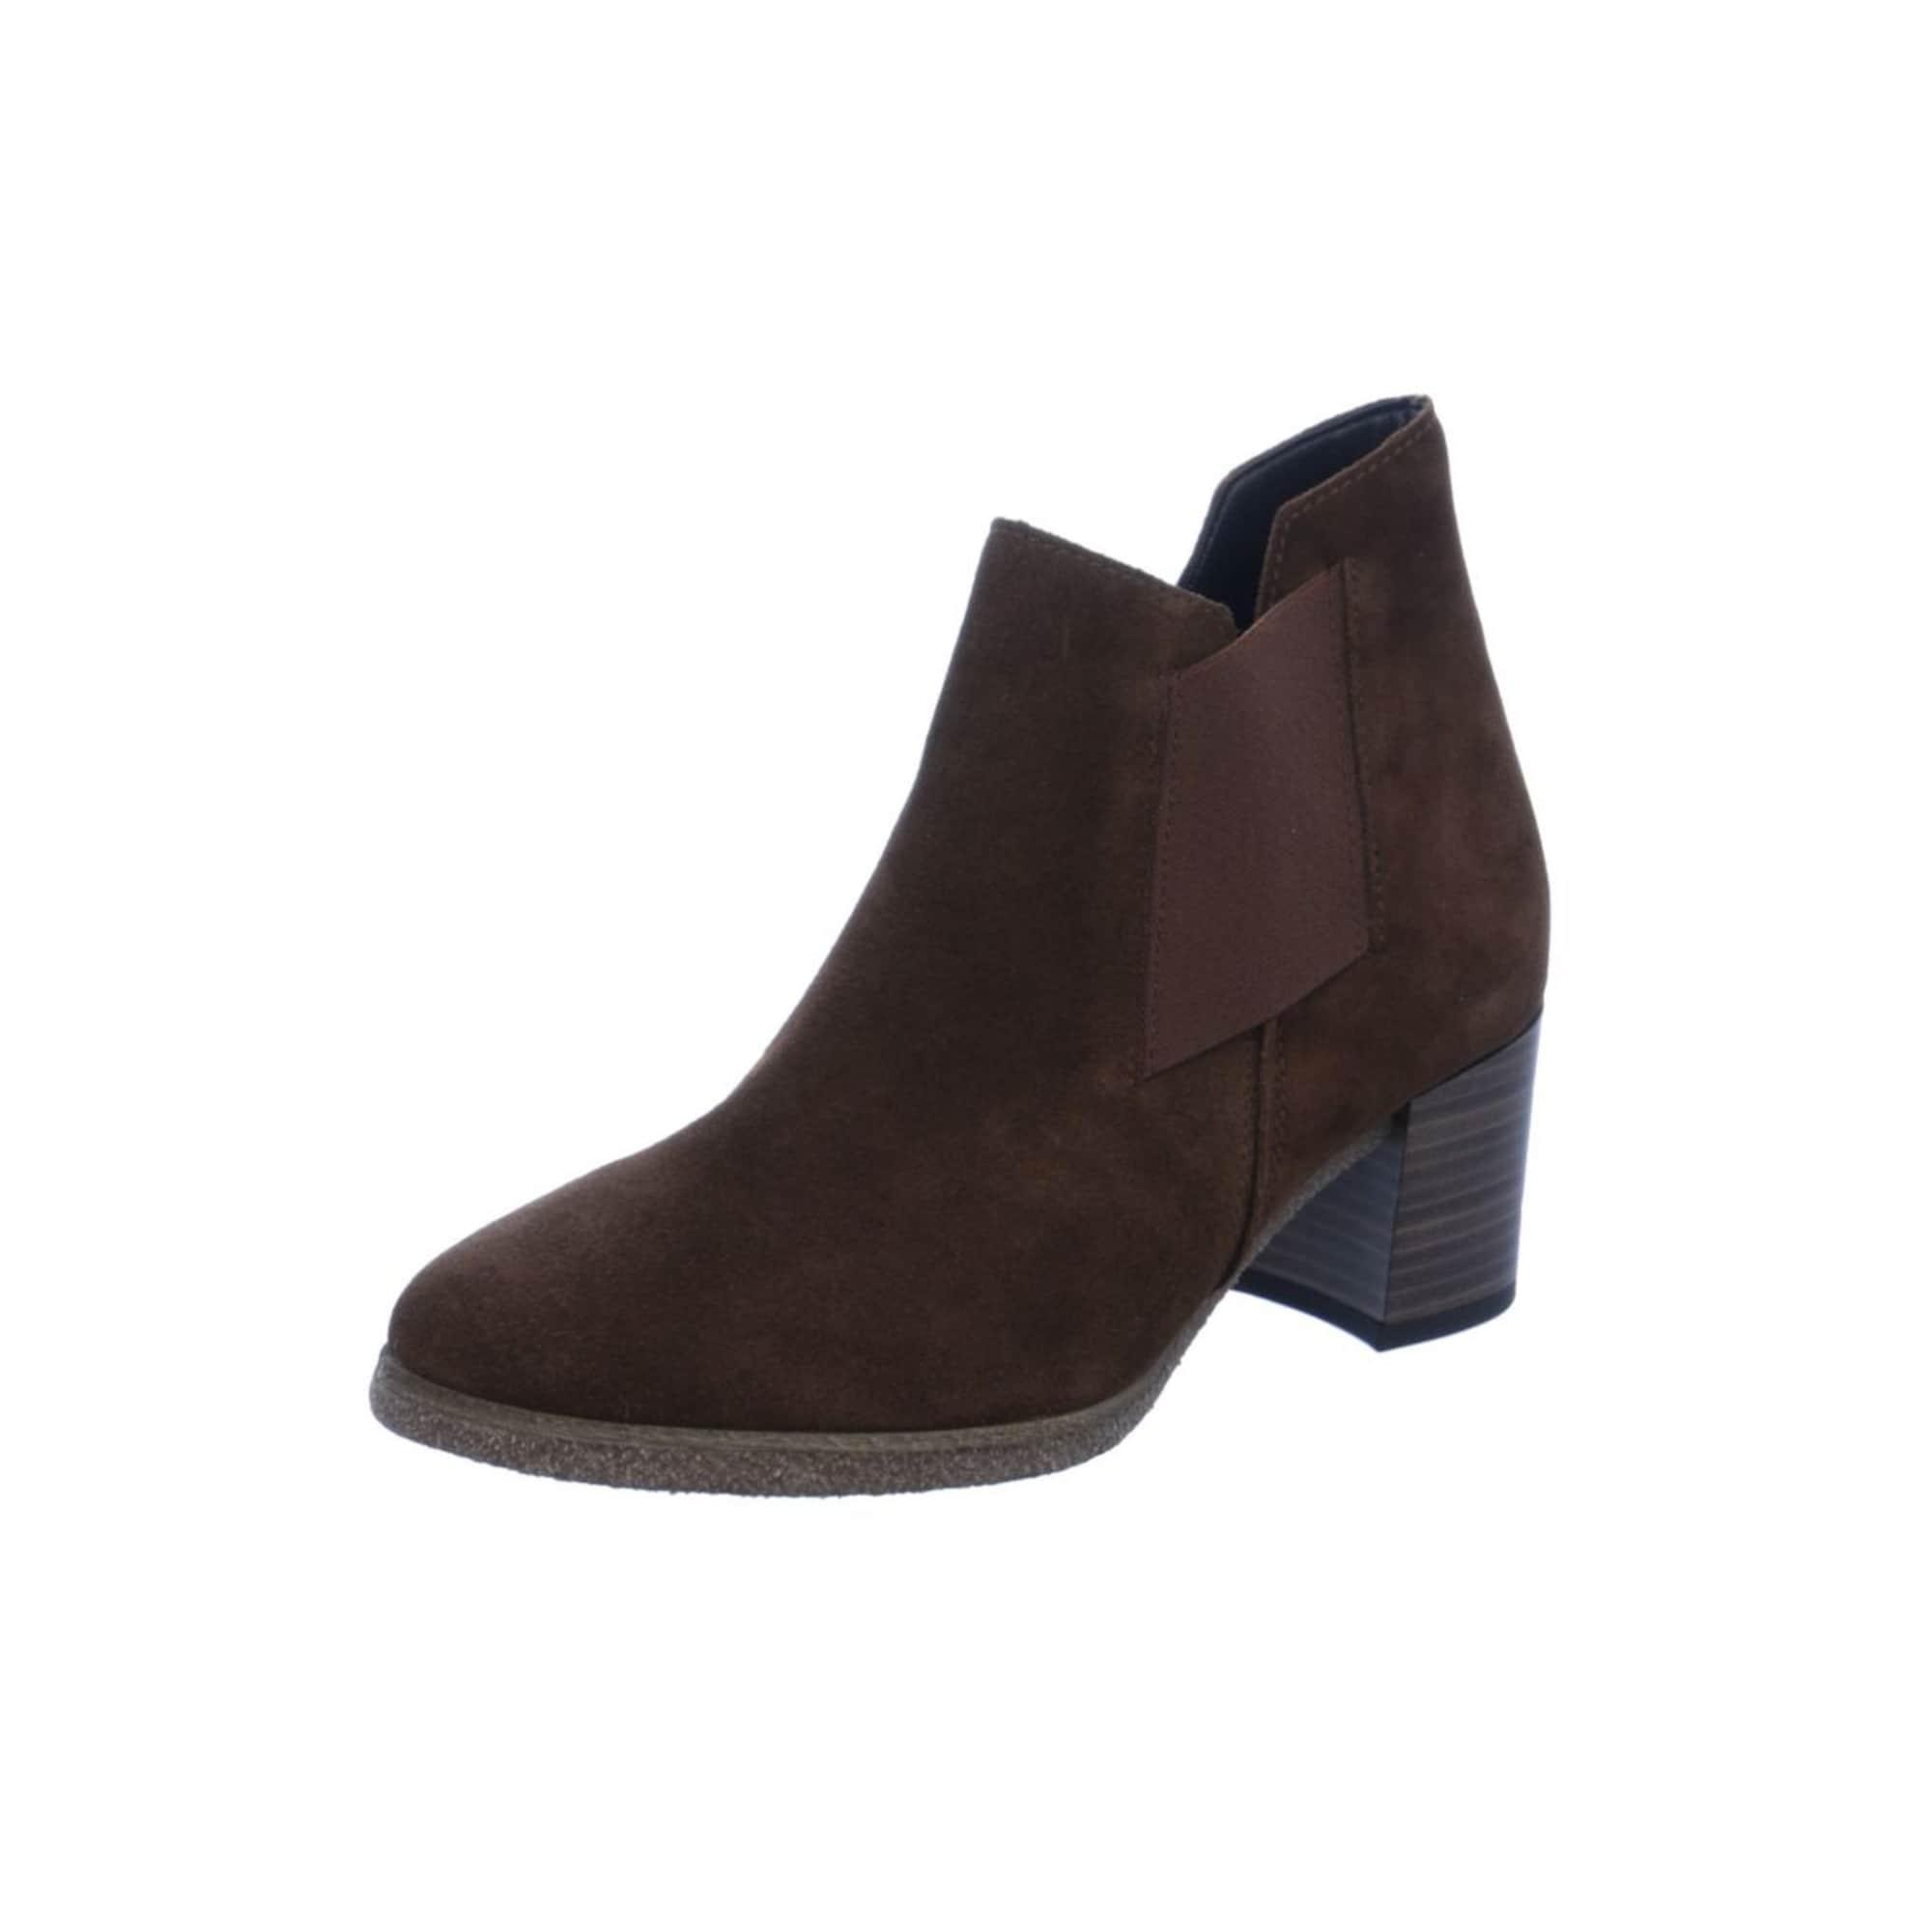 Stiefel   Schuhe   Braun   Gabor